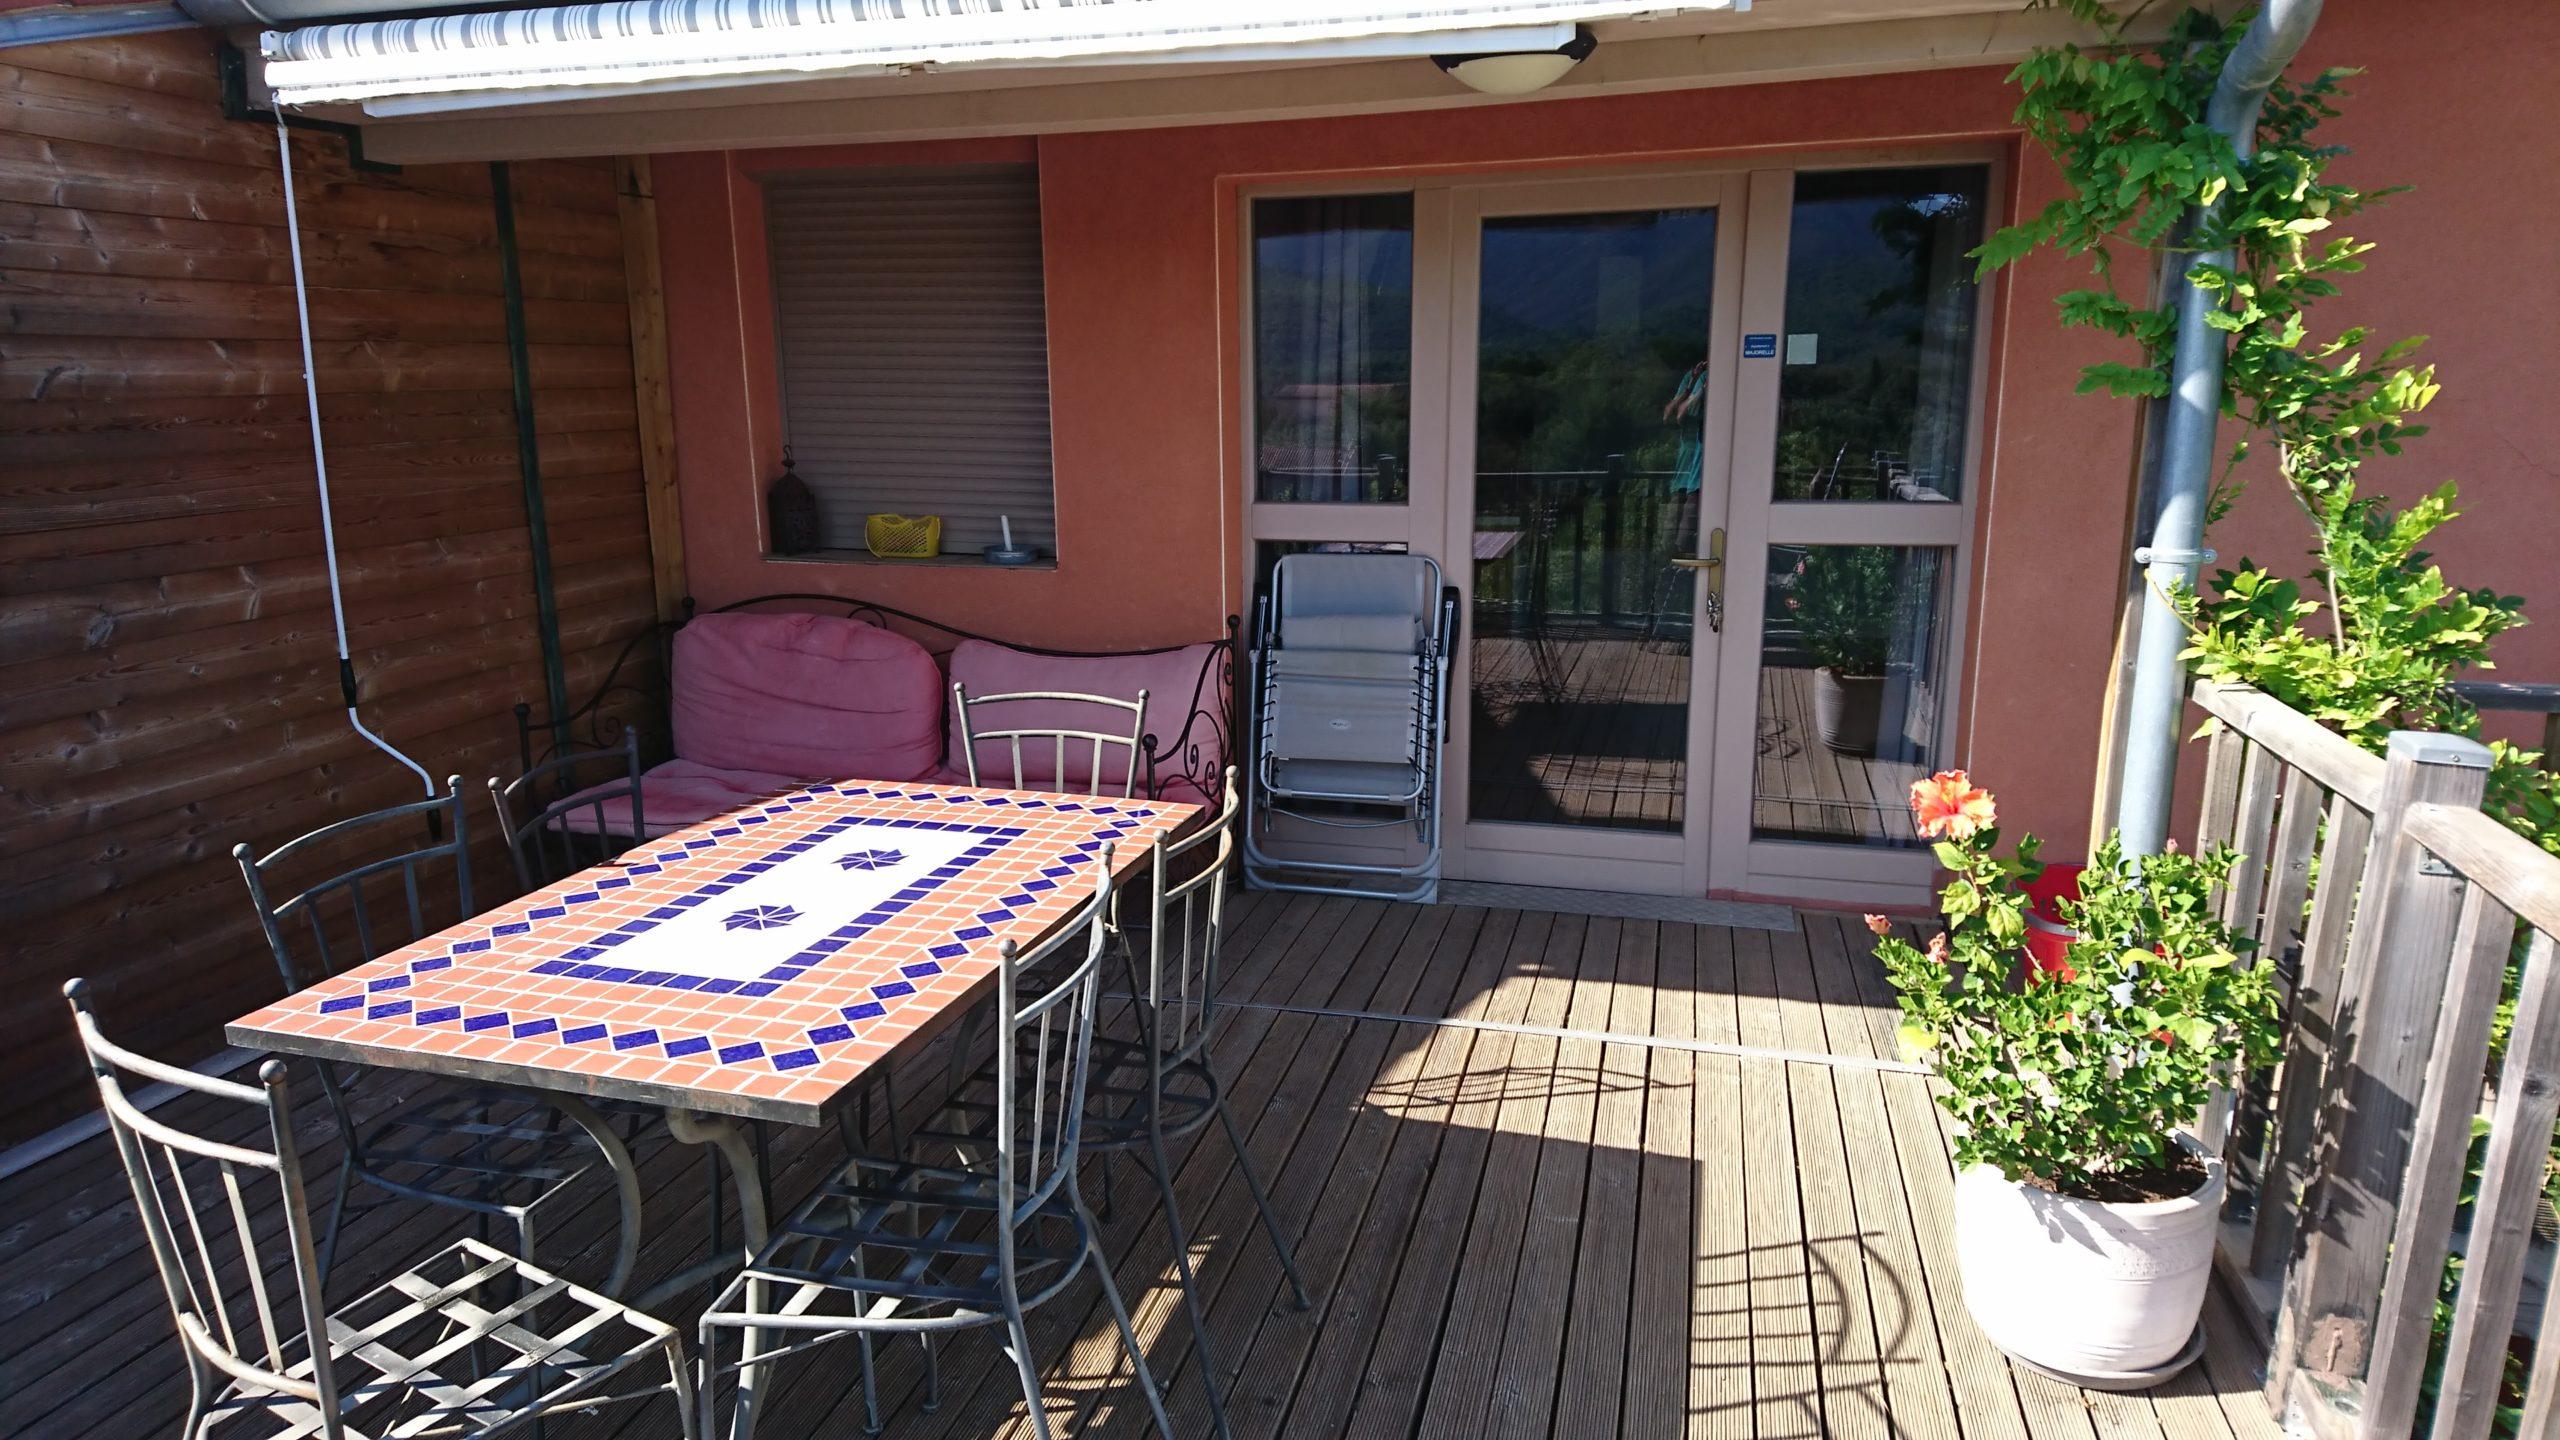 terrasse de 20m2 avec table, chaises longues banquette